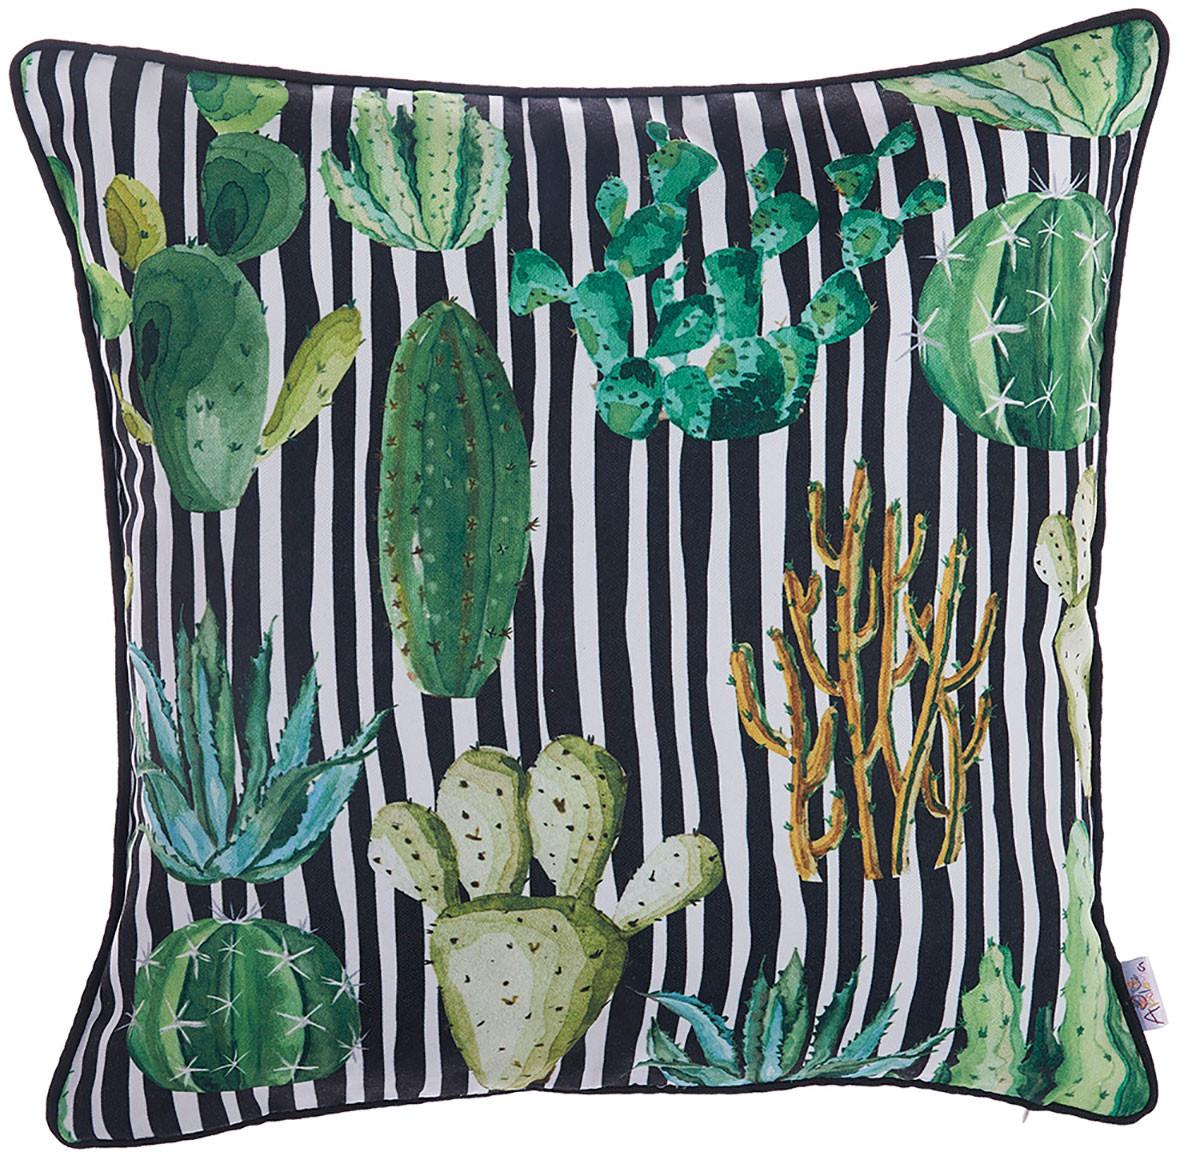 Διακοσμητική Μαξιλαροθήκη Apolena Cactus Black 702-6224/1